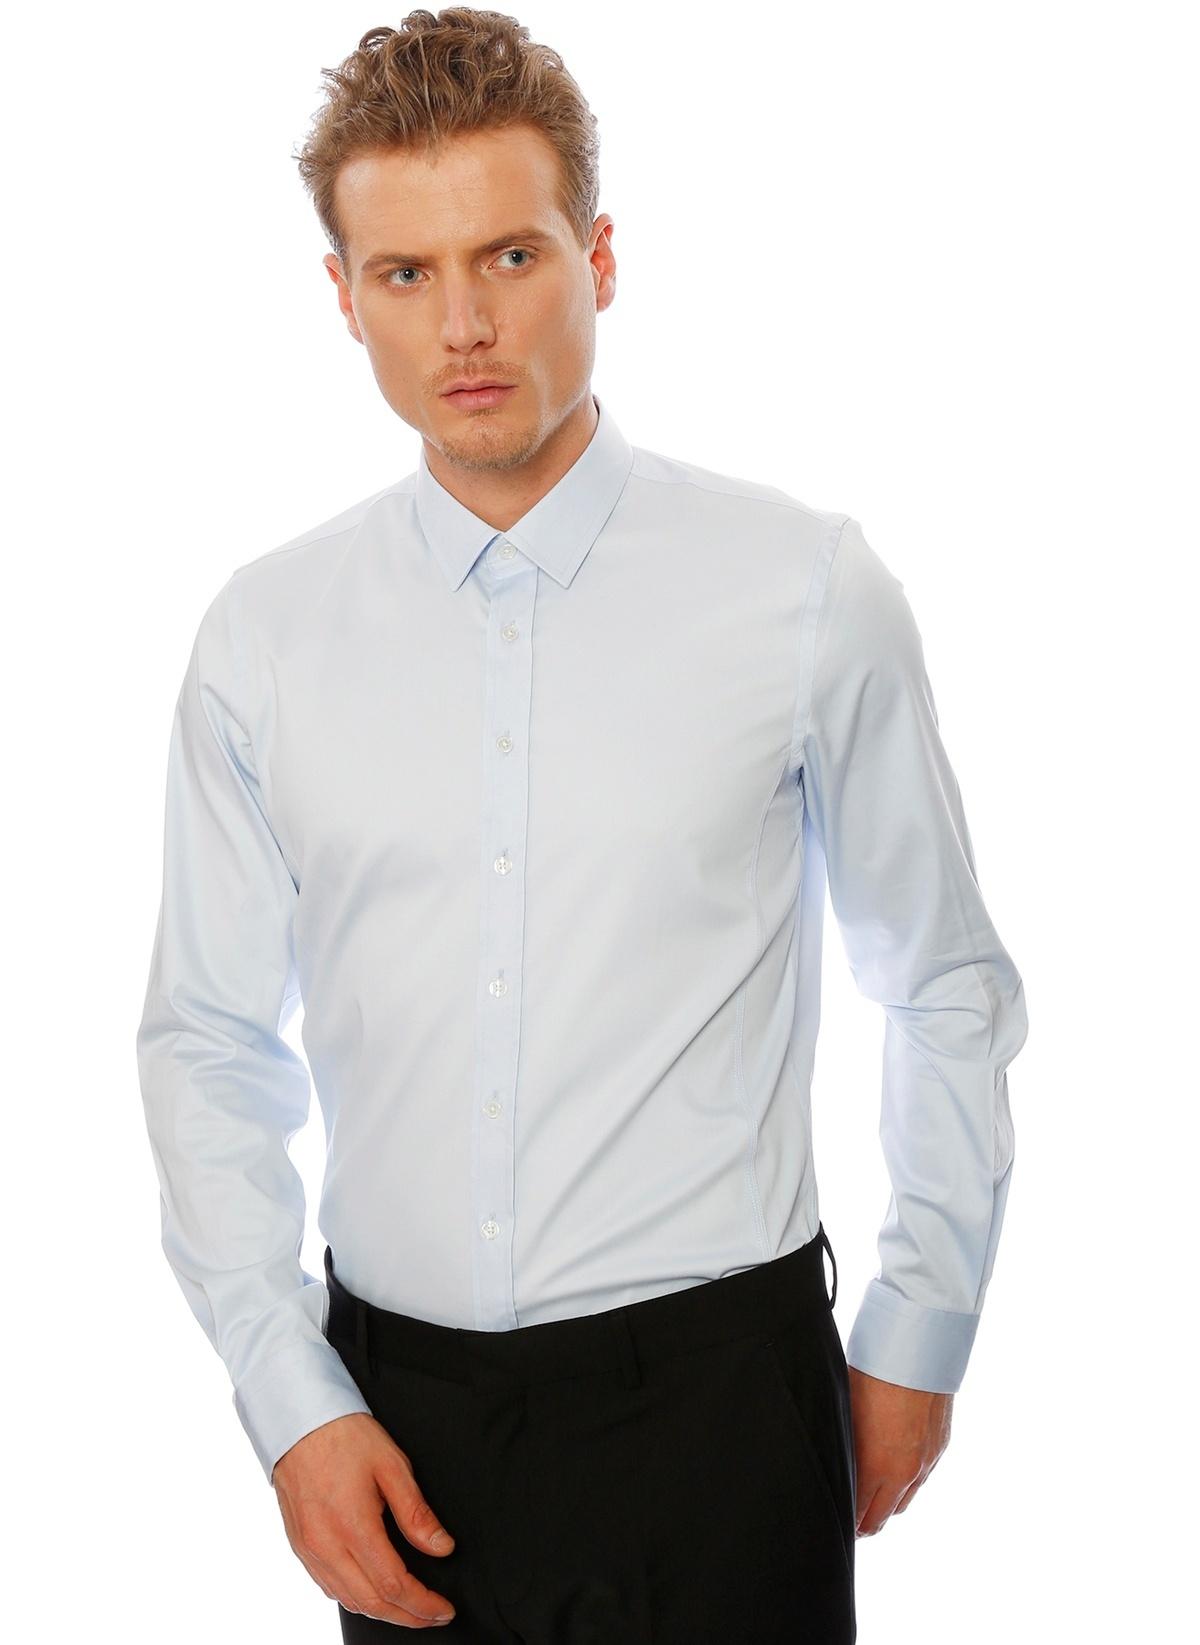 Fabrika Klasik Uzun Kollu Gömlek 18-fbe-sersı-gmk-ms – 75.0 TL